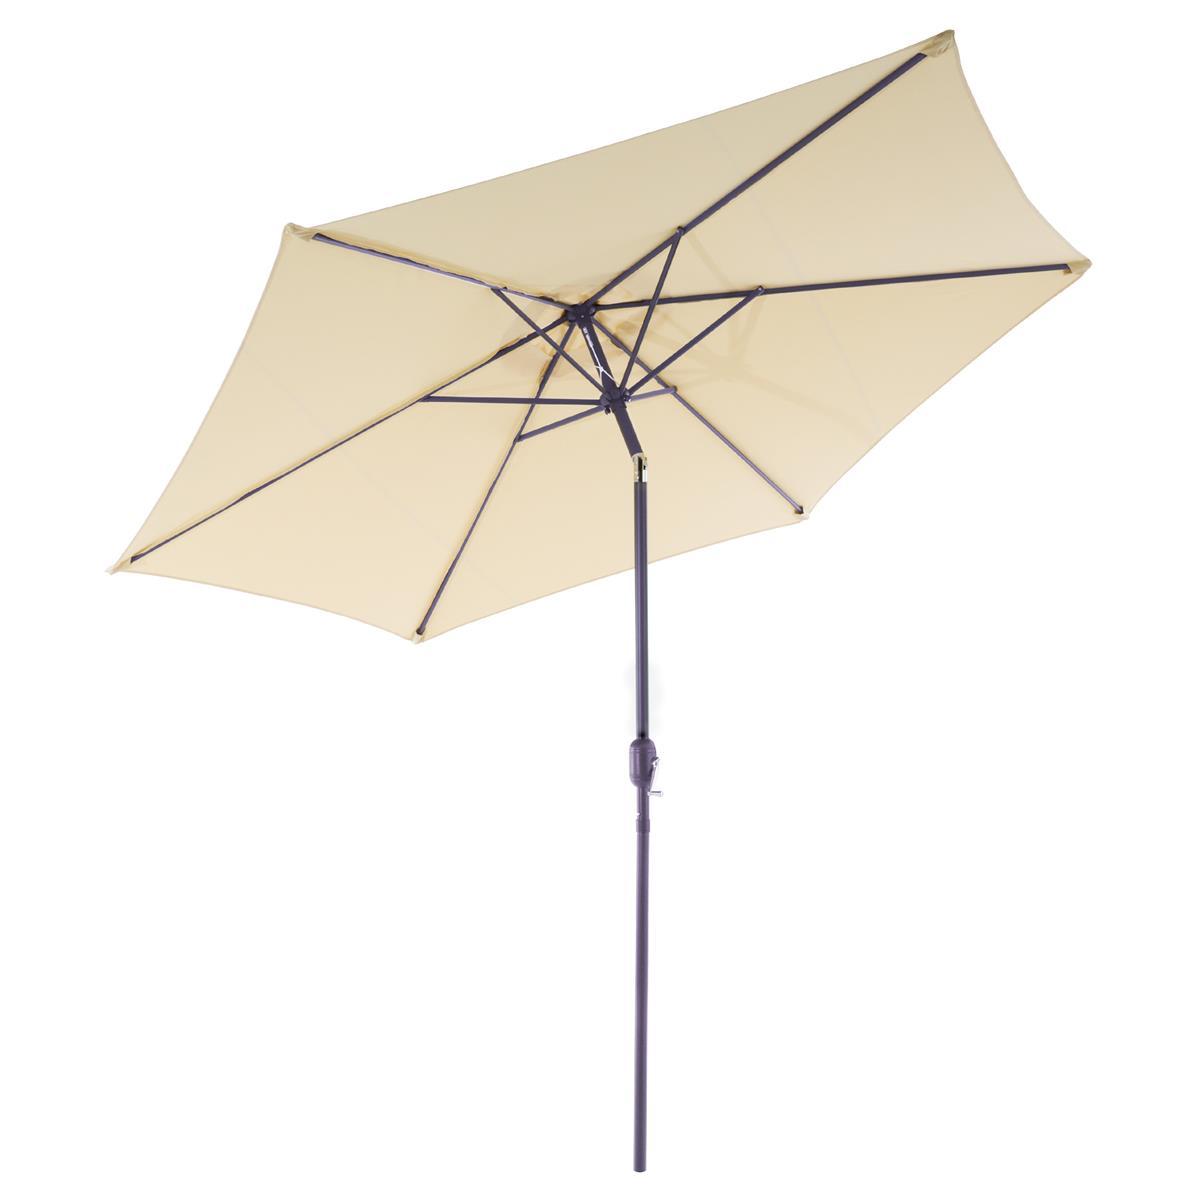 Sonnenschirm 2,90m creme mit Kurbel neigbar wasserabweisend UV Schutz 50+